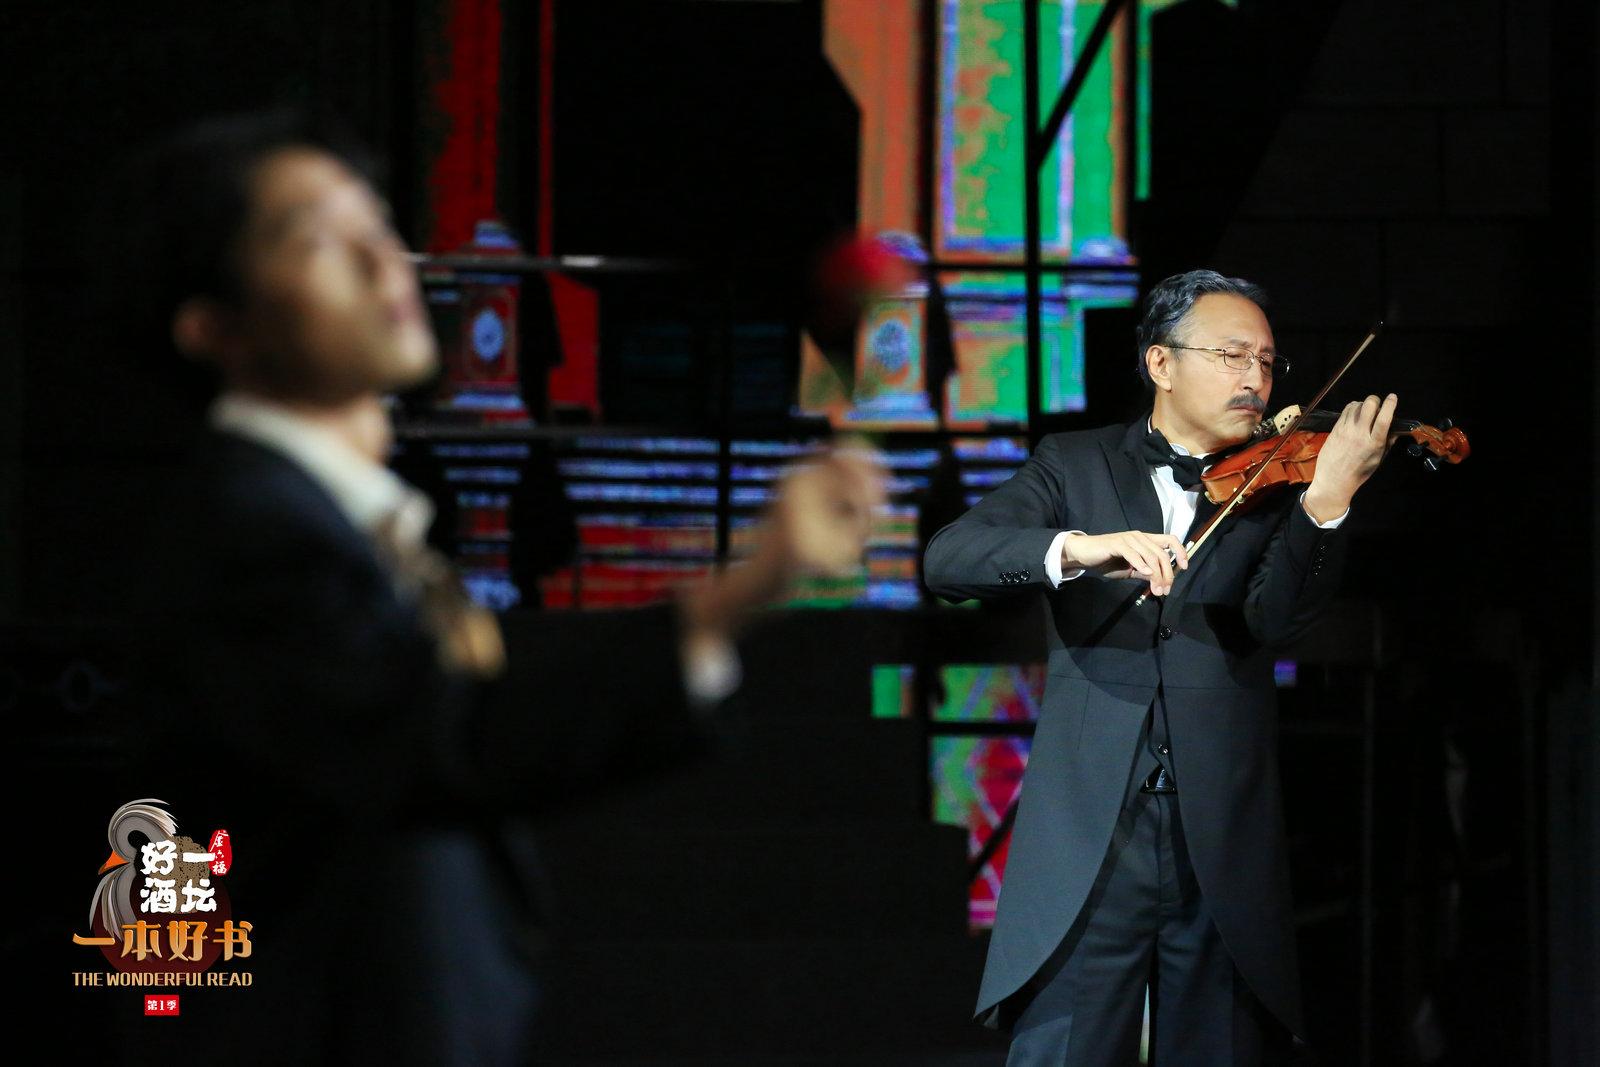 《一本好书》王洛勇现场拉小提琴 史航写血书被退?